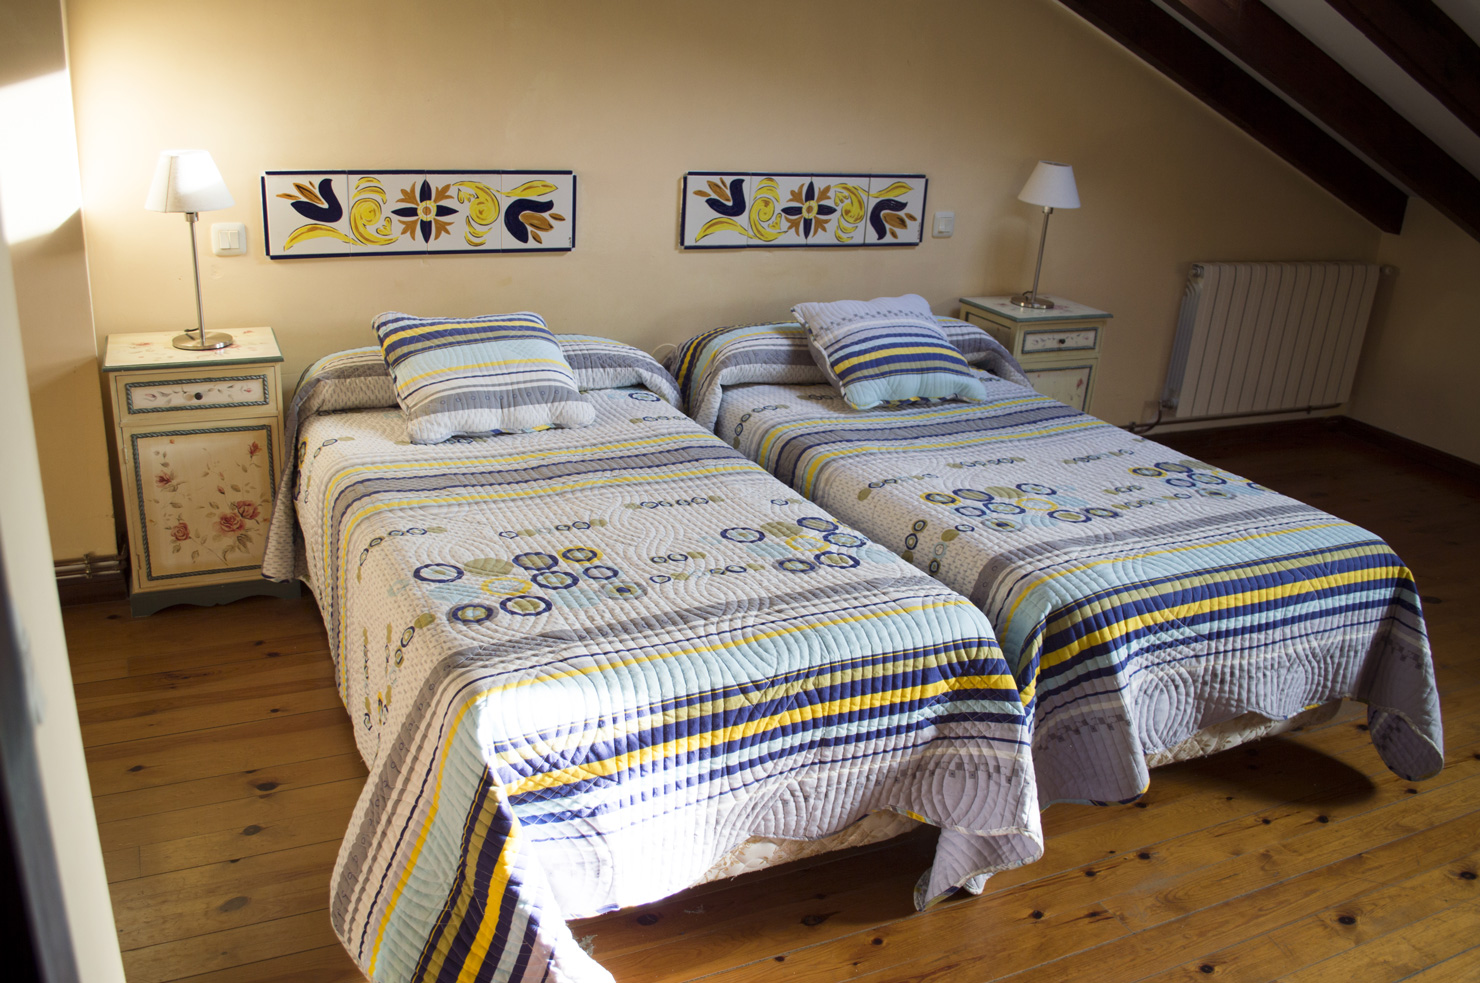 Dormitorio camas individuales. Casas rurales en Cantabria Fuente de Somave